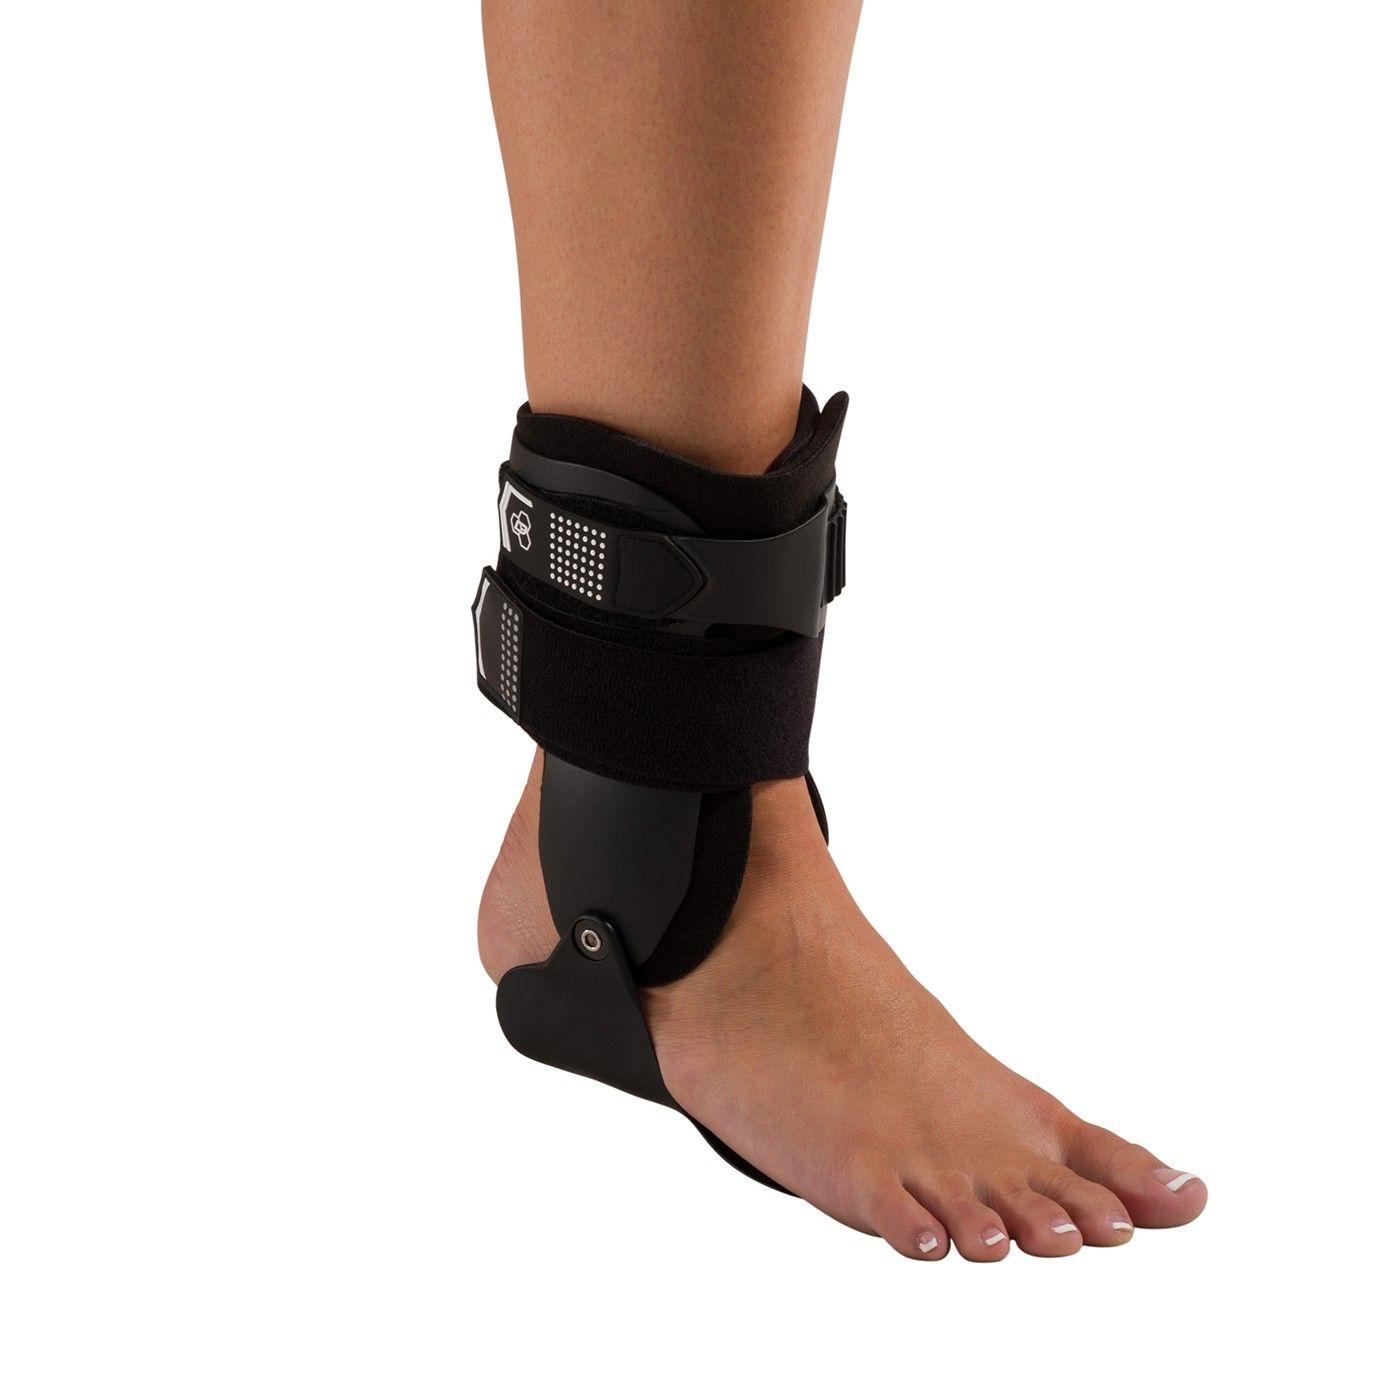 Donjoy performance bionic stirrup ankle brace ankle